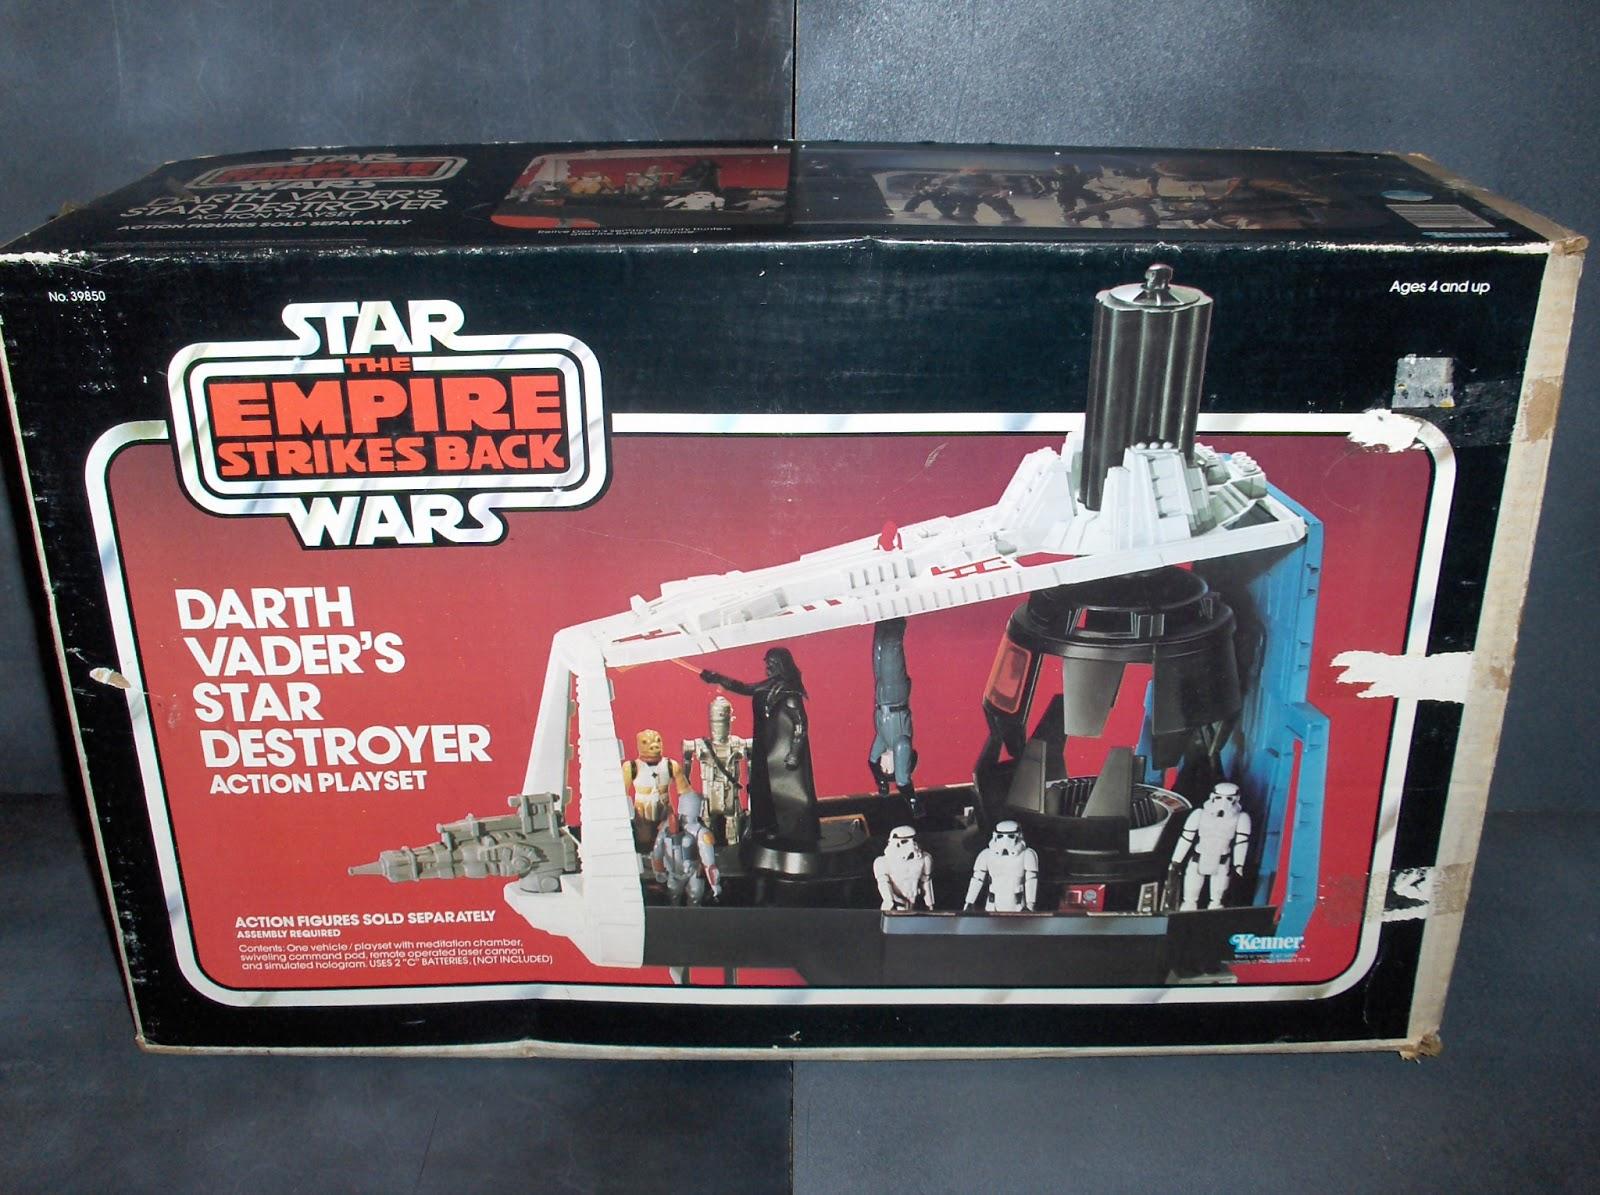 Vintage Kenner Star Wars Toys: Darth Vader's Star Destroyer Action ...